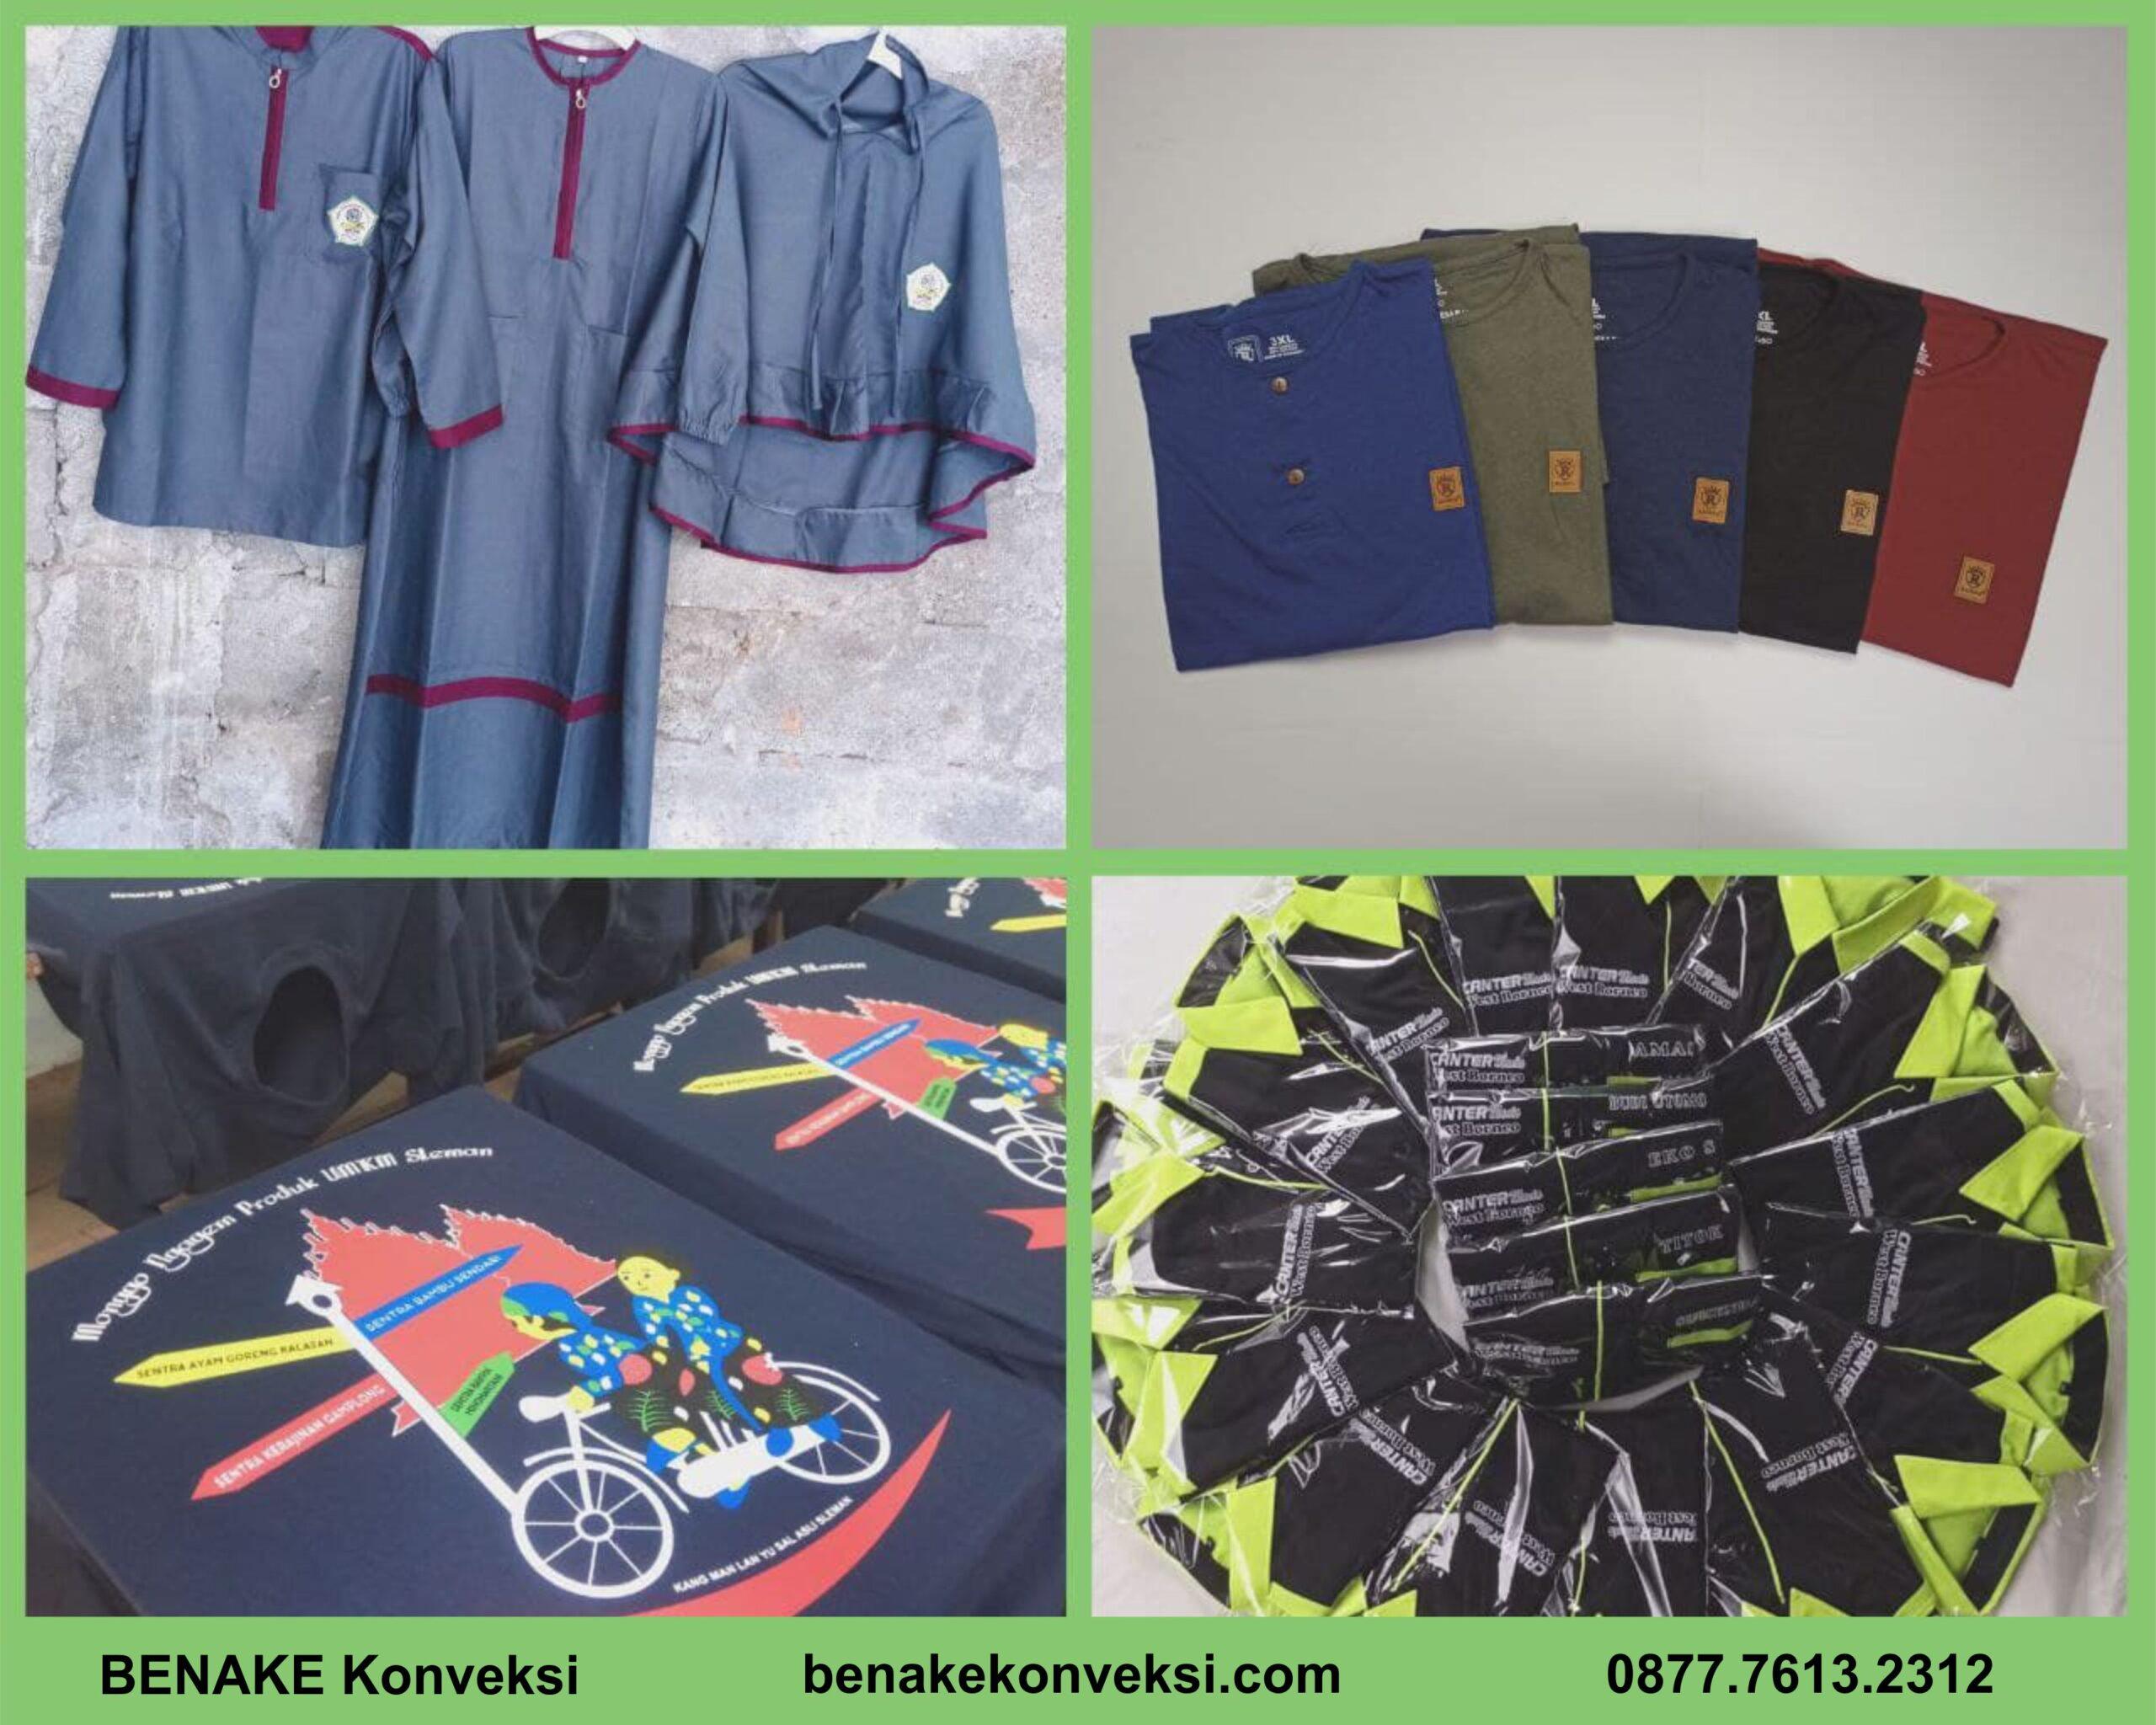 jasa-konveksi-dan-jahit-baju